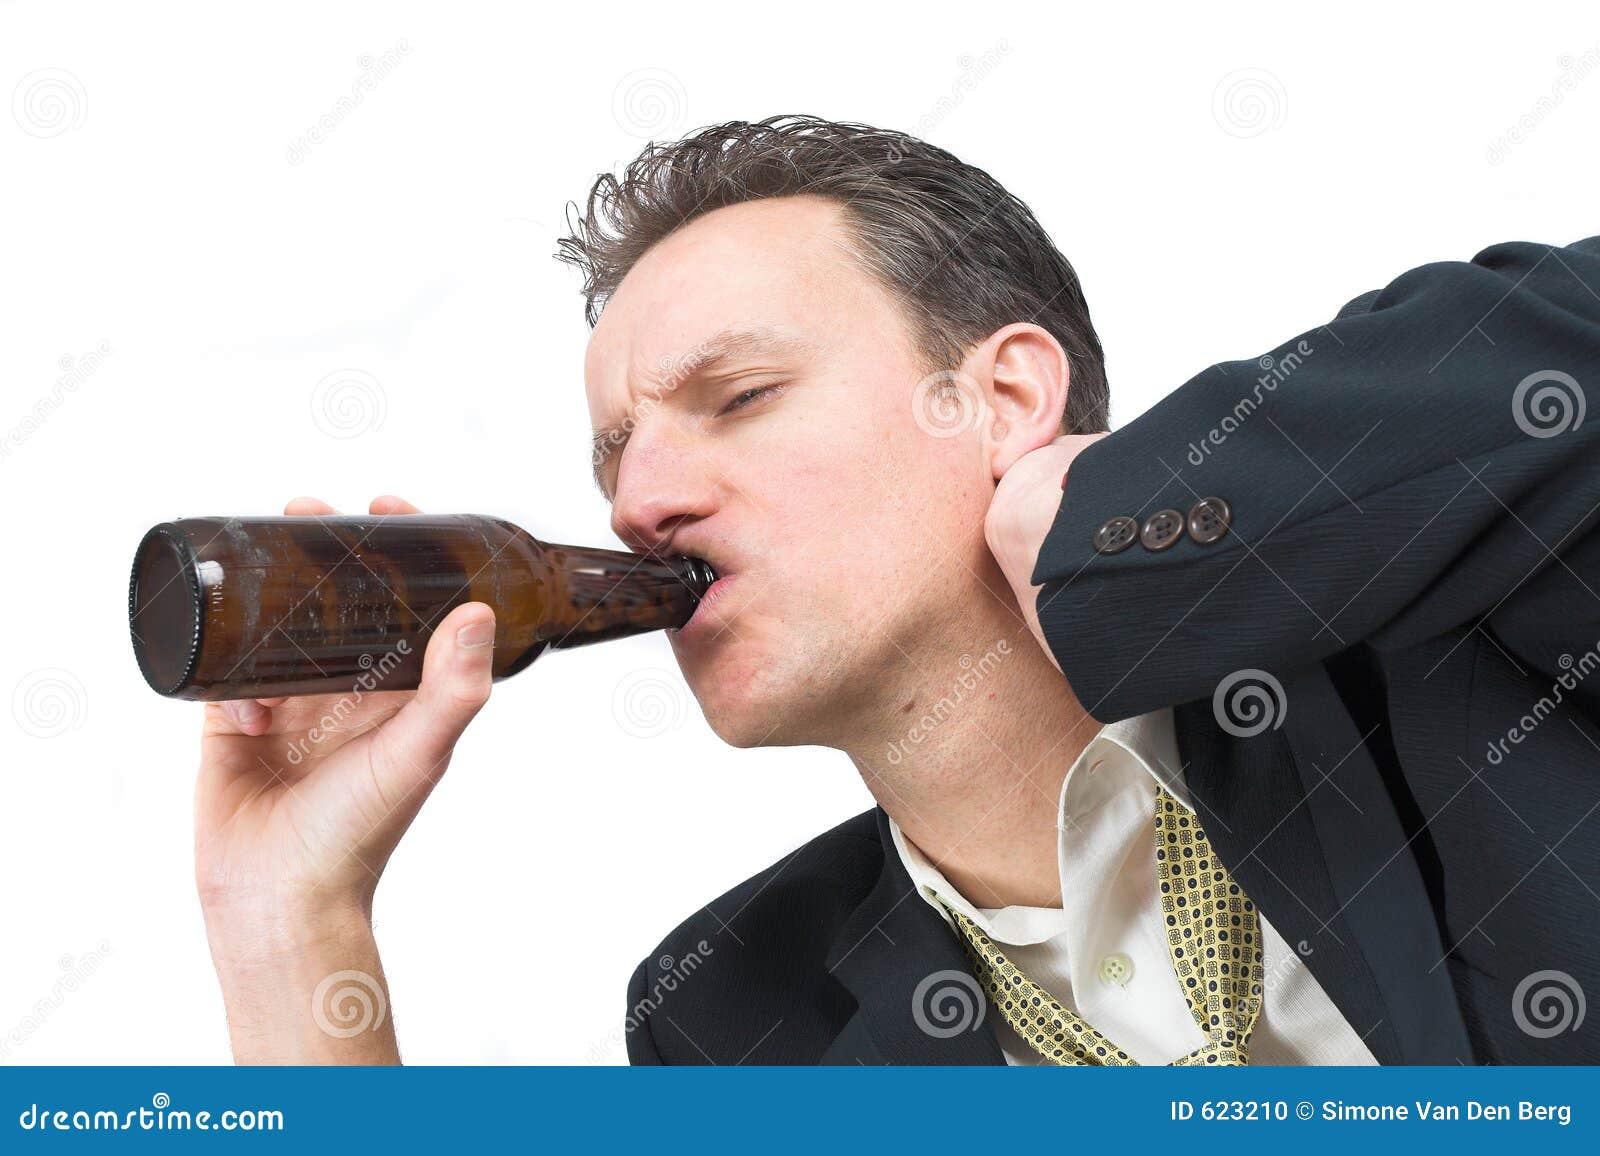 Comesser cifrato da alcool in Tiraspol